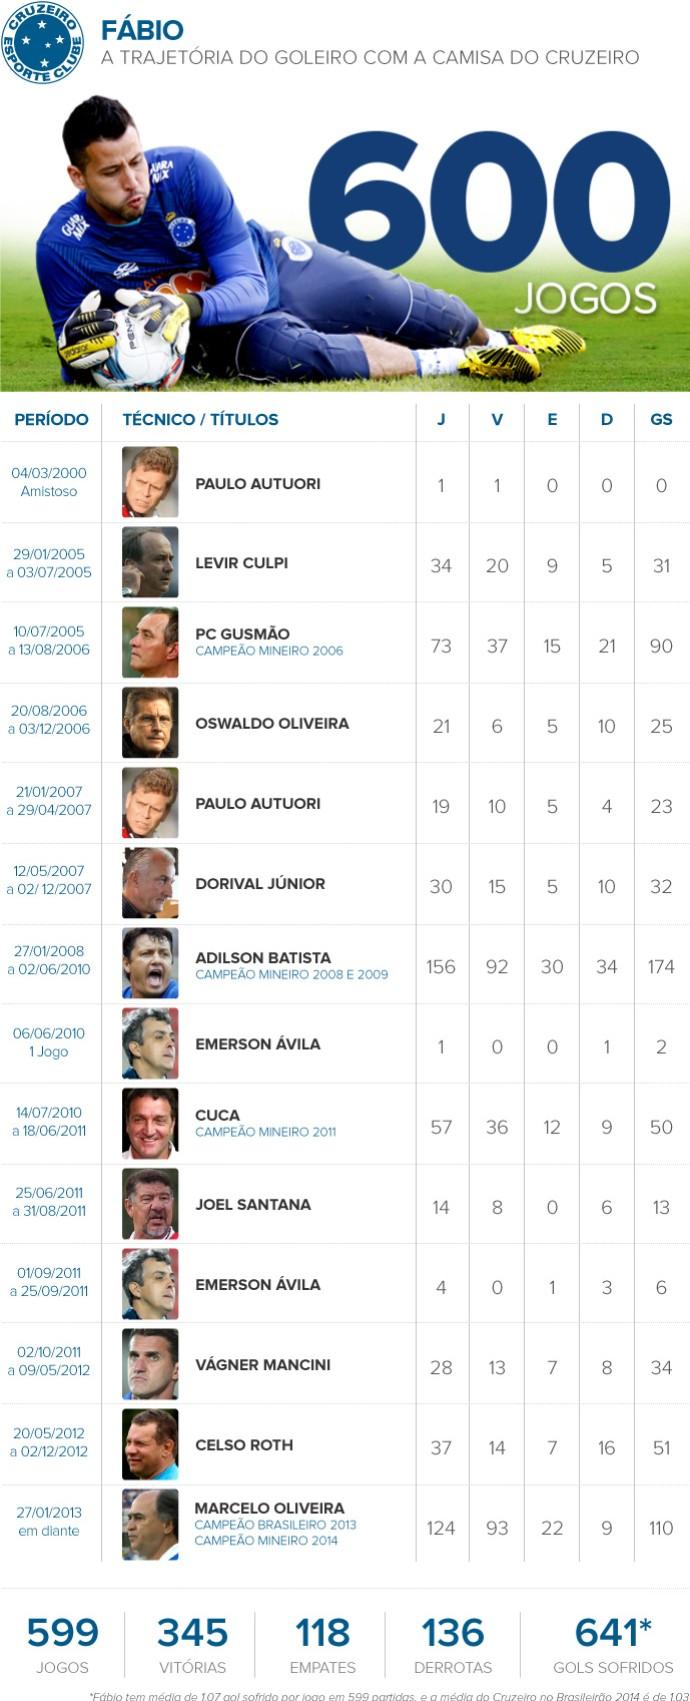 INFO 600 jogos fábio Cruzeiro (Foto: Editoria de Arte)